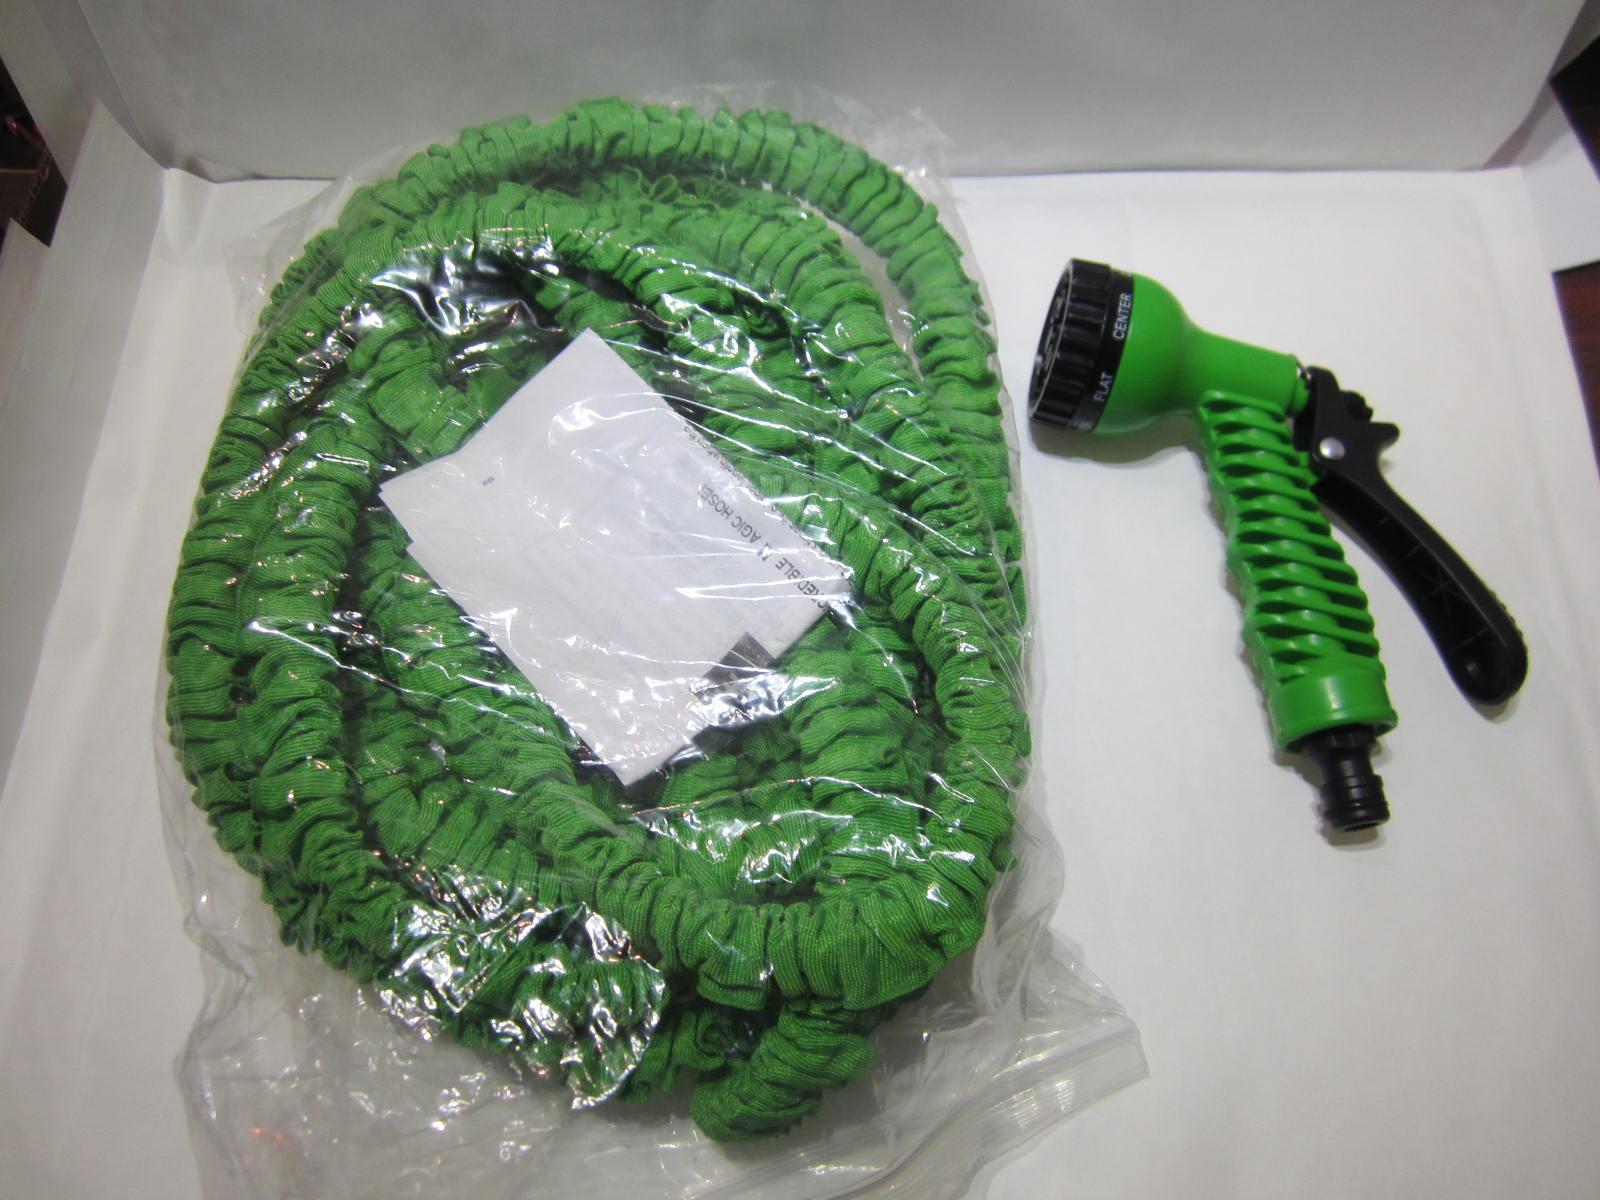 Magg 8080 zahradní smršťovací hadice 7,5-22,5m se stříkací pistolí